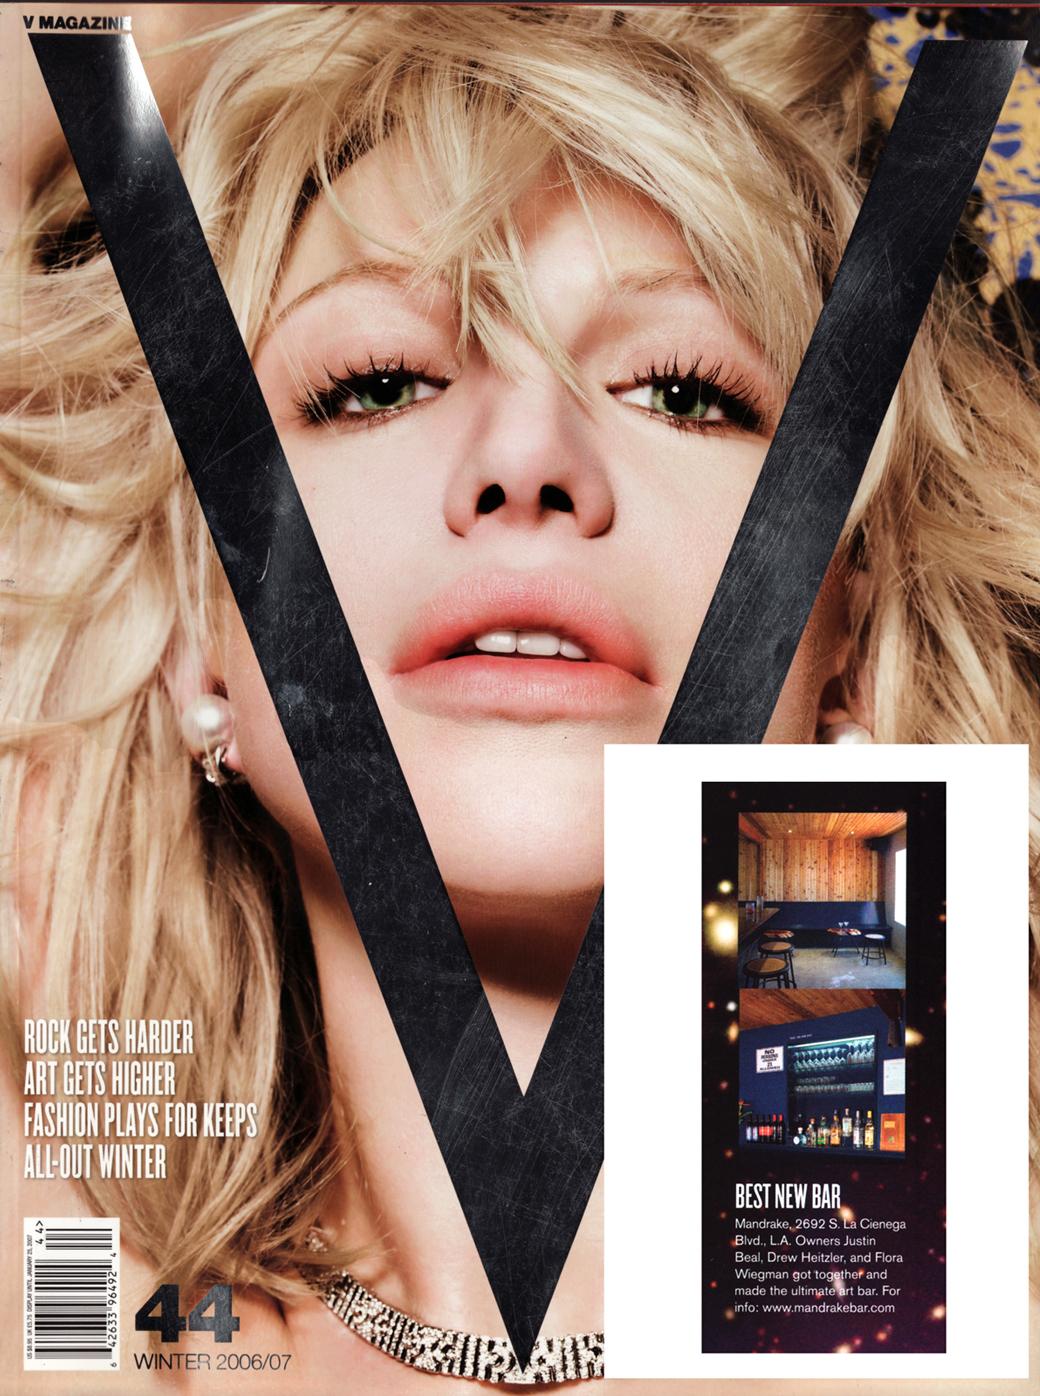 press.vmagazine